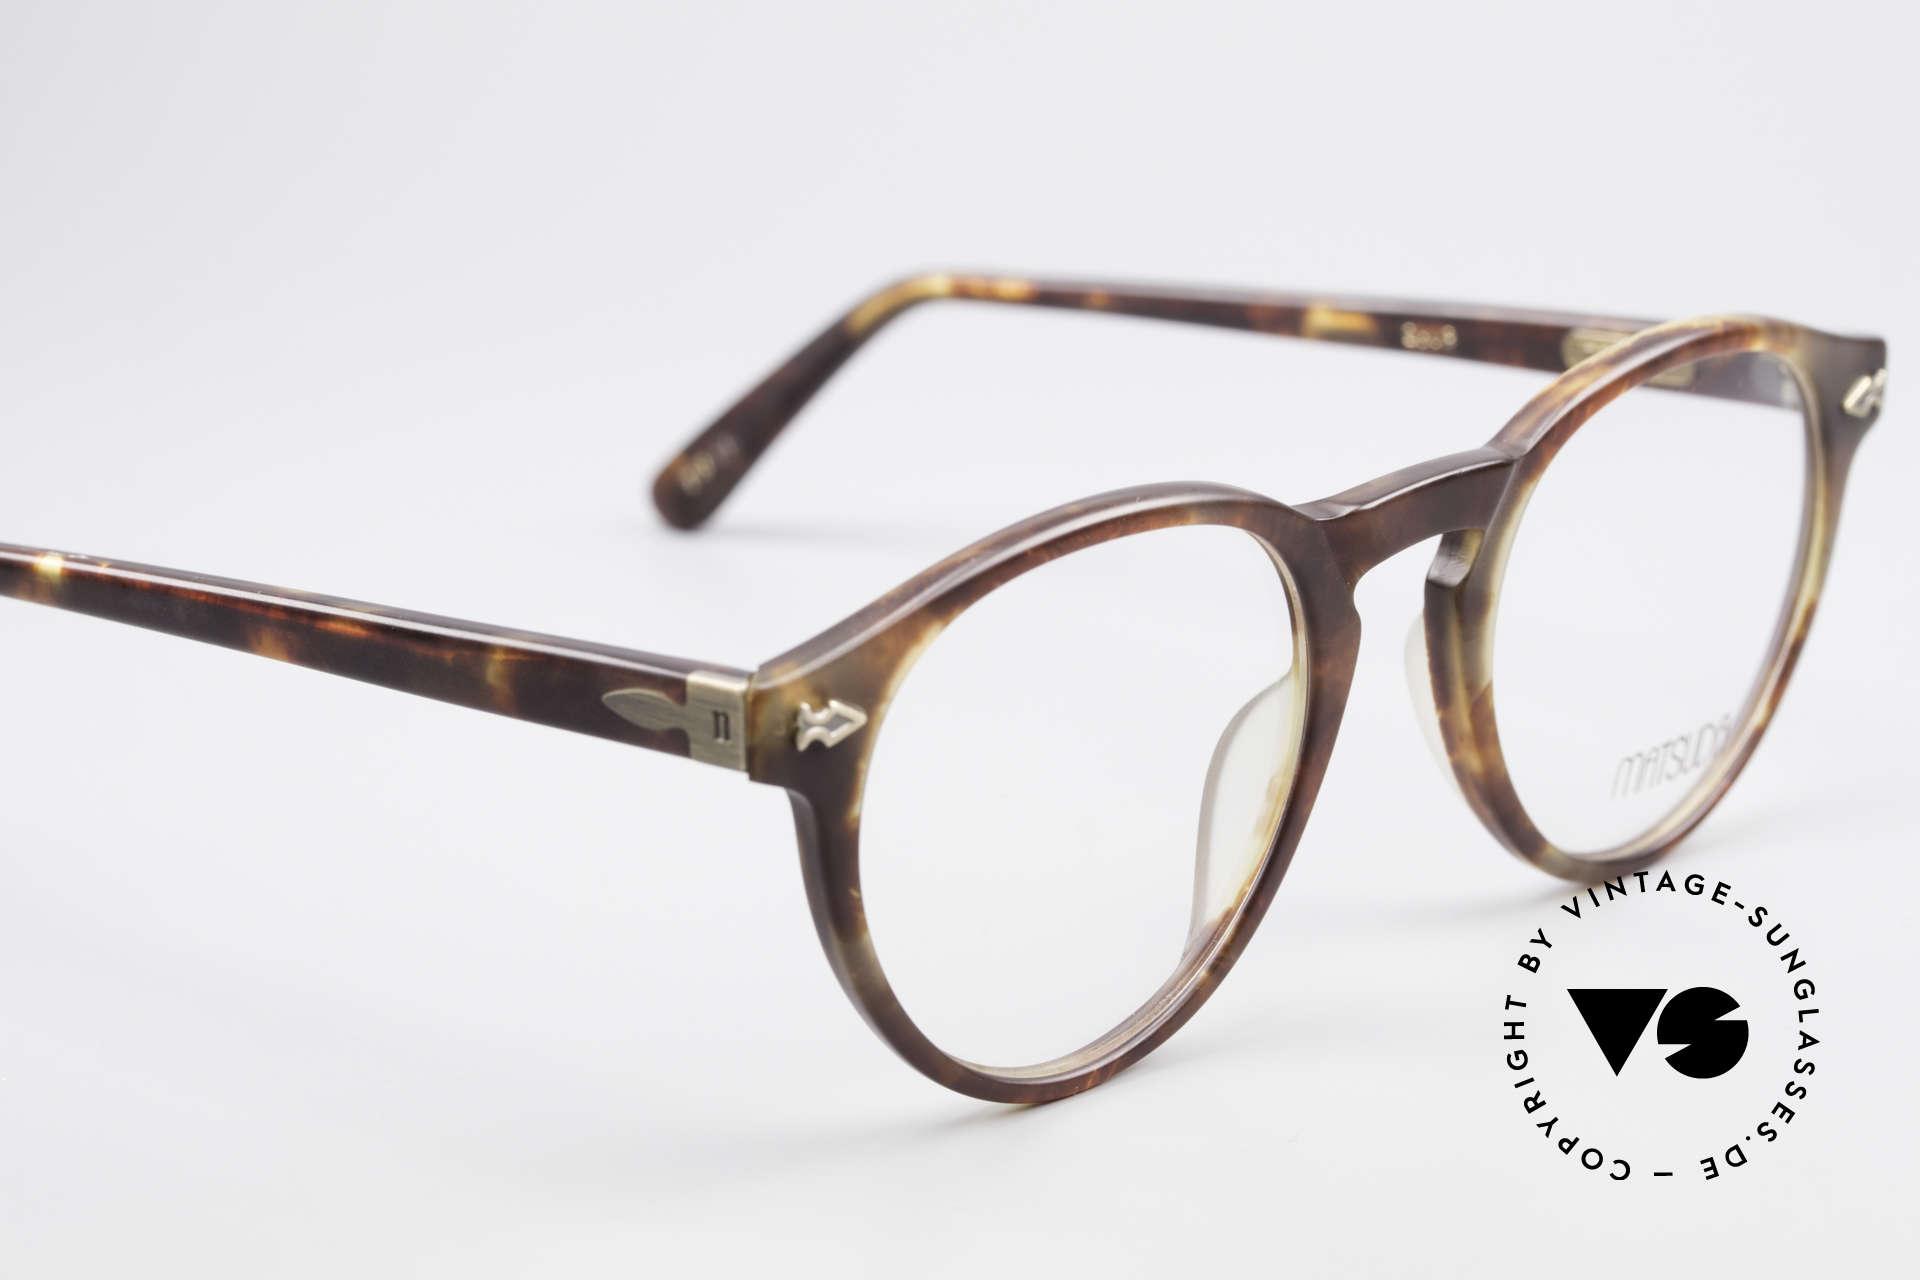 Matsuda 2303 Panto Vintage Designerbrille, ungetragenes Einzelstück für Qualitäts-Liebhaber, Passend für Herren und Damen